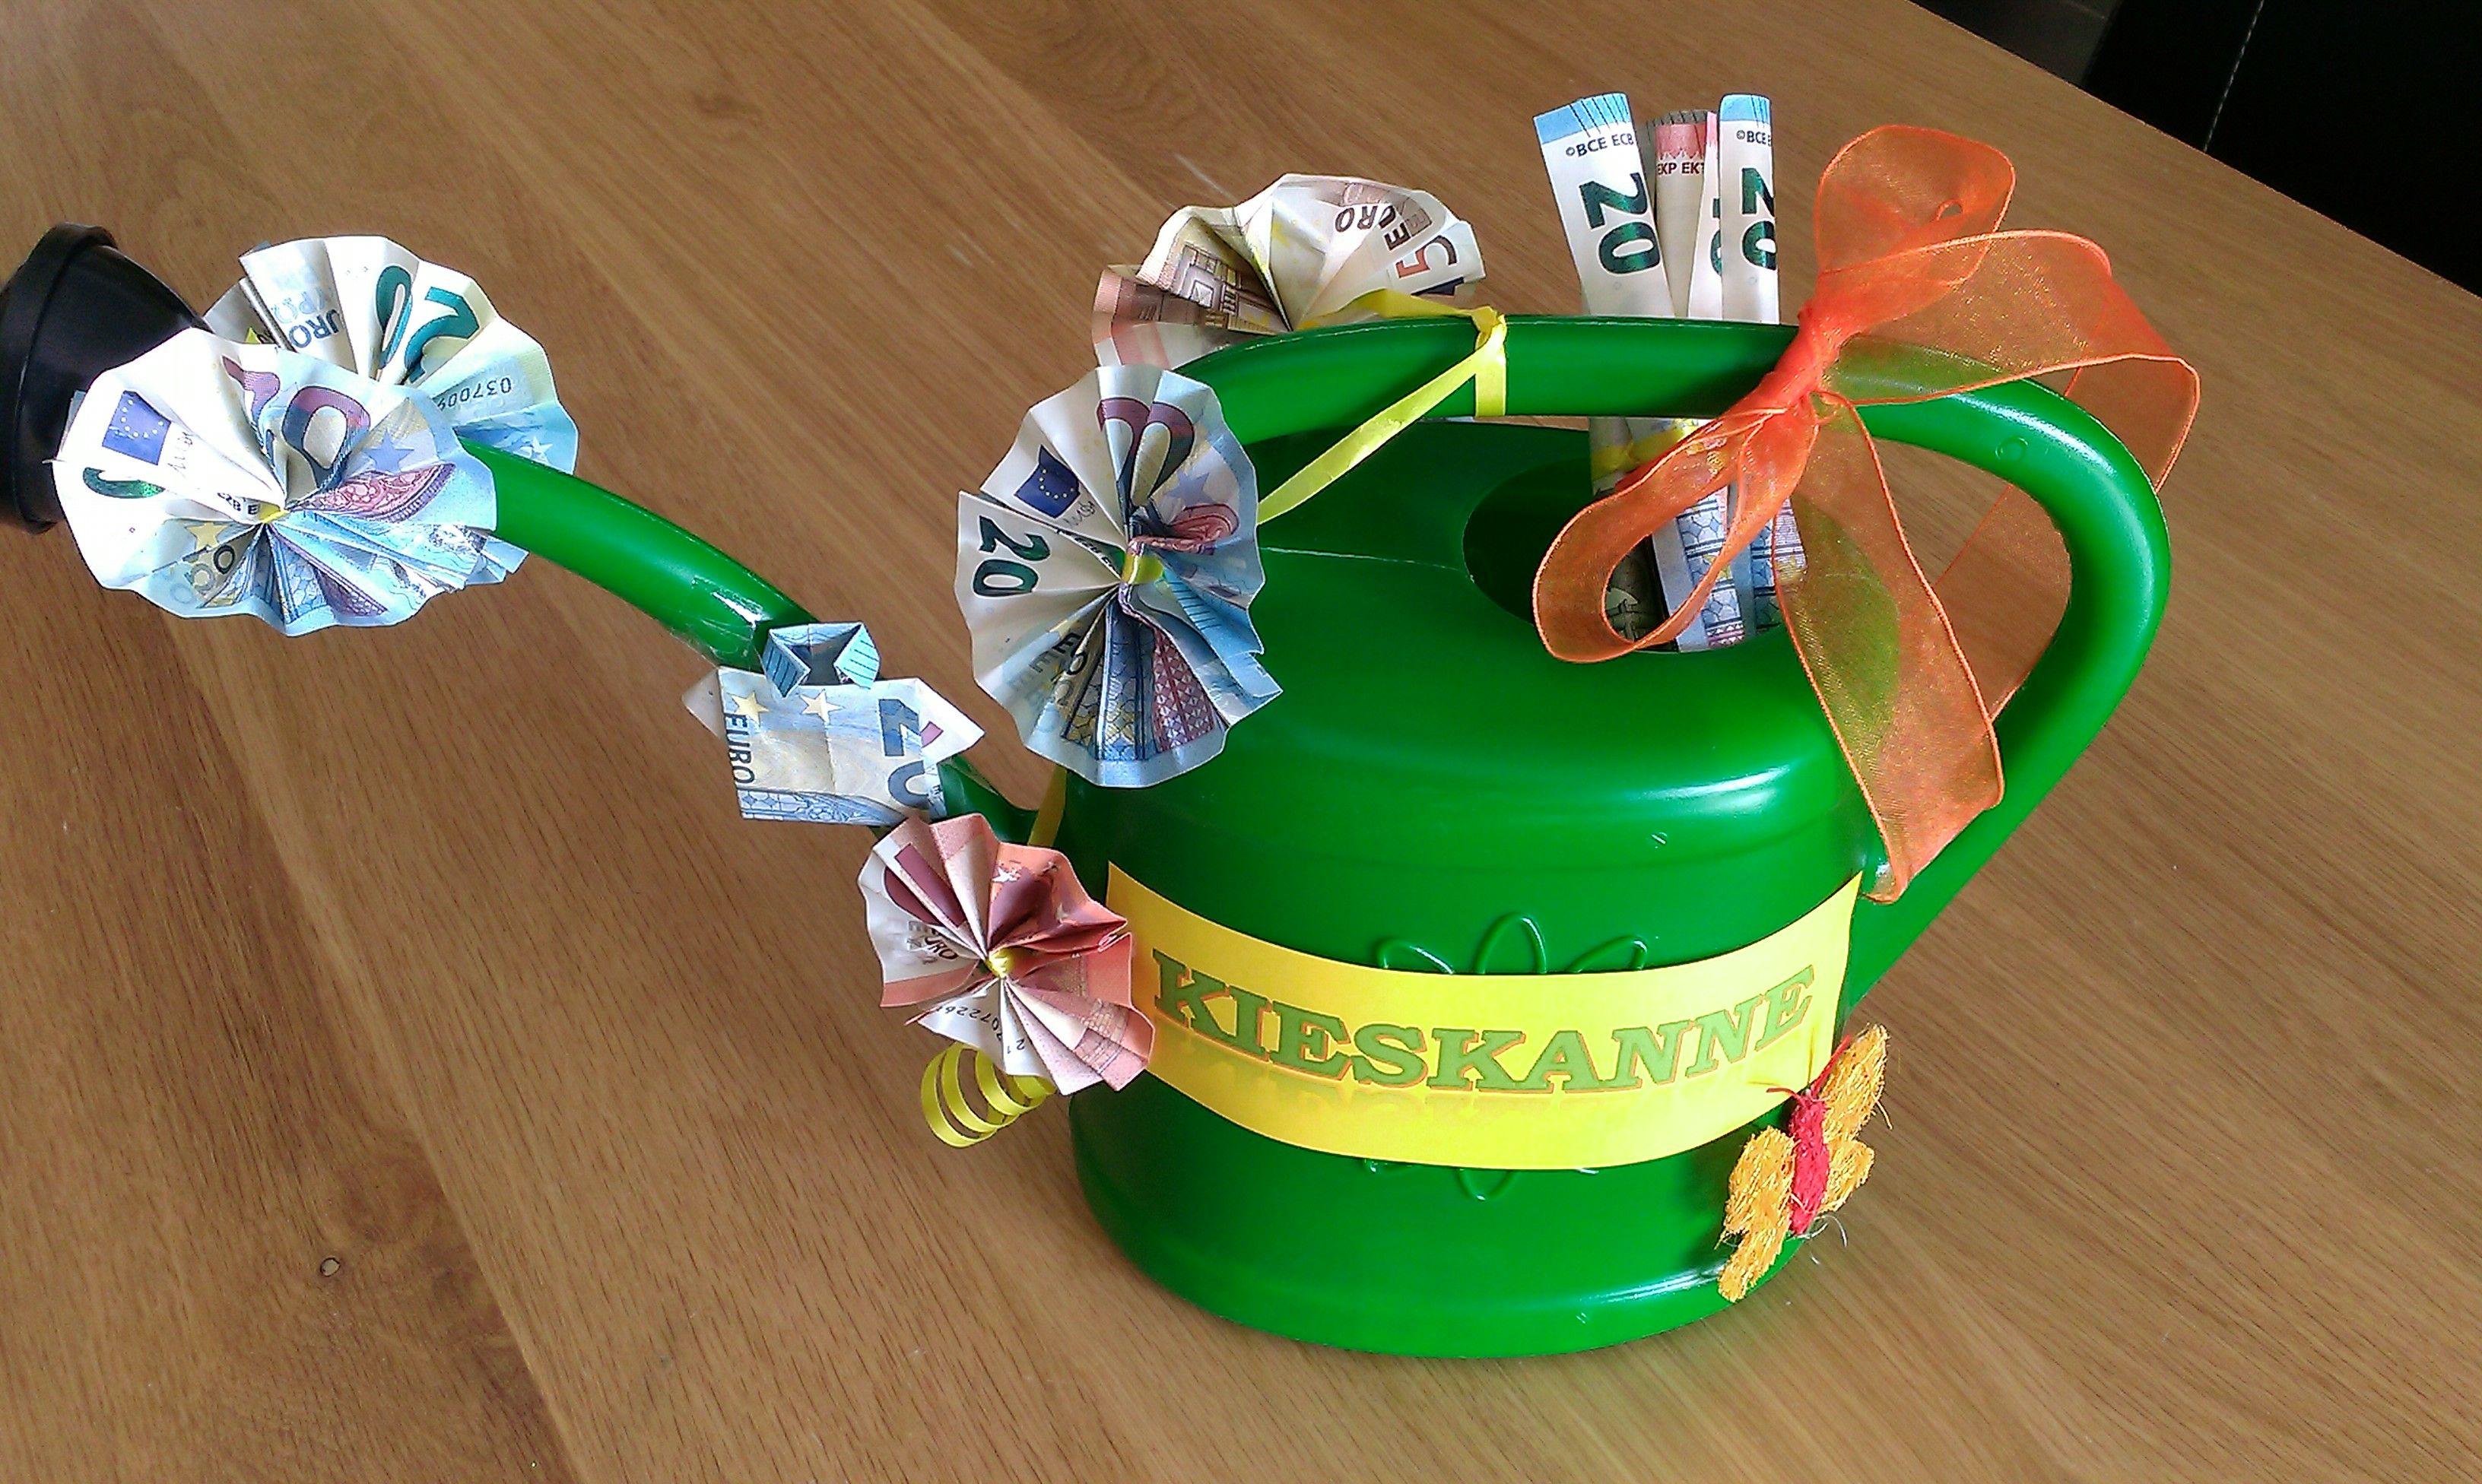 Geschenkidee Geldgeschenk Kieskanne Hochzeit Geschenk Geld